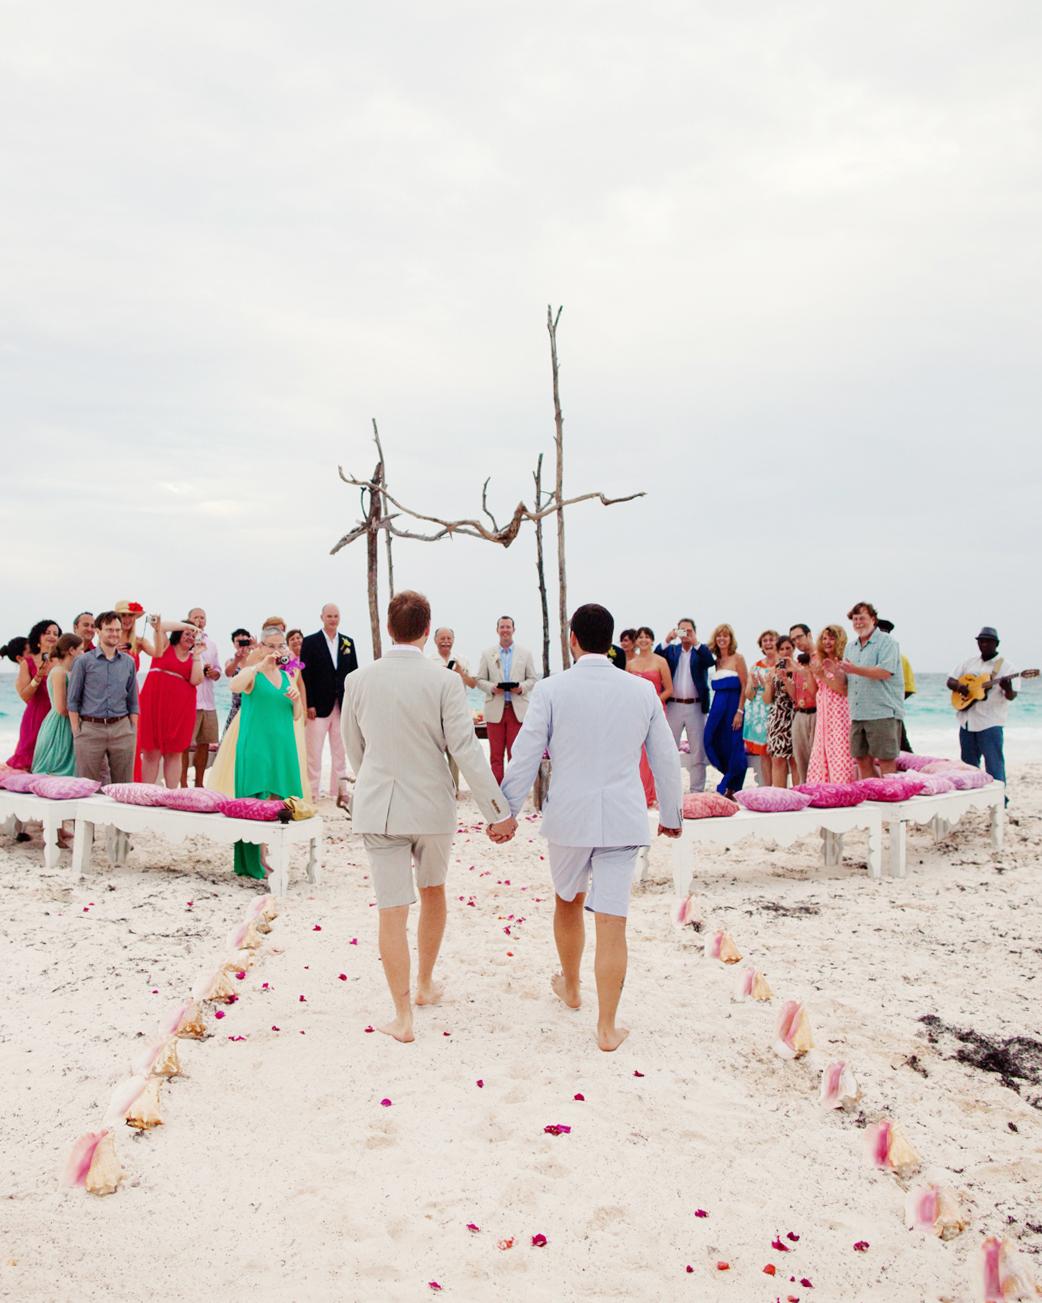 real-weddings-kevin-jamie-05292012wd-jk1325.jpg